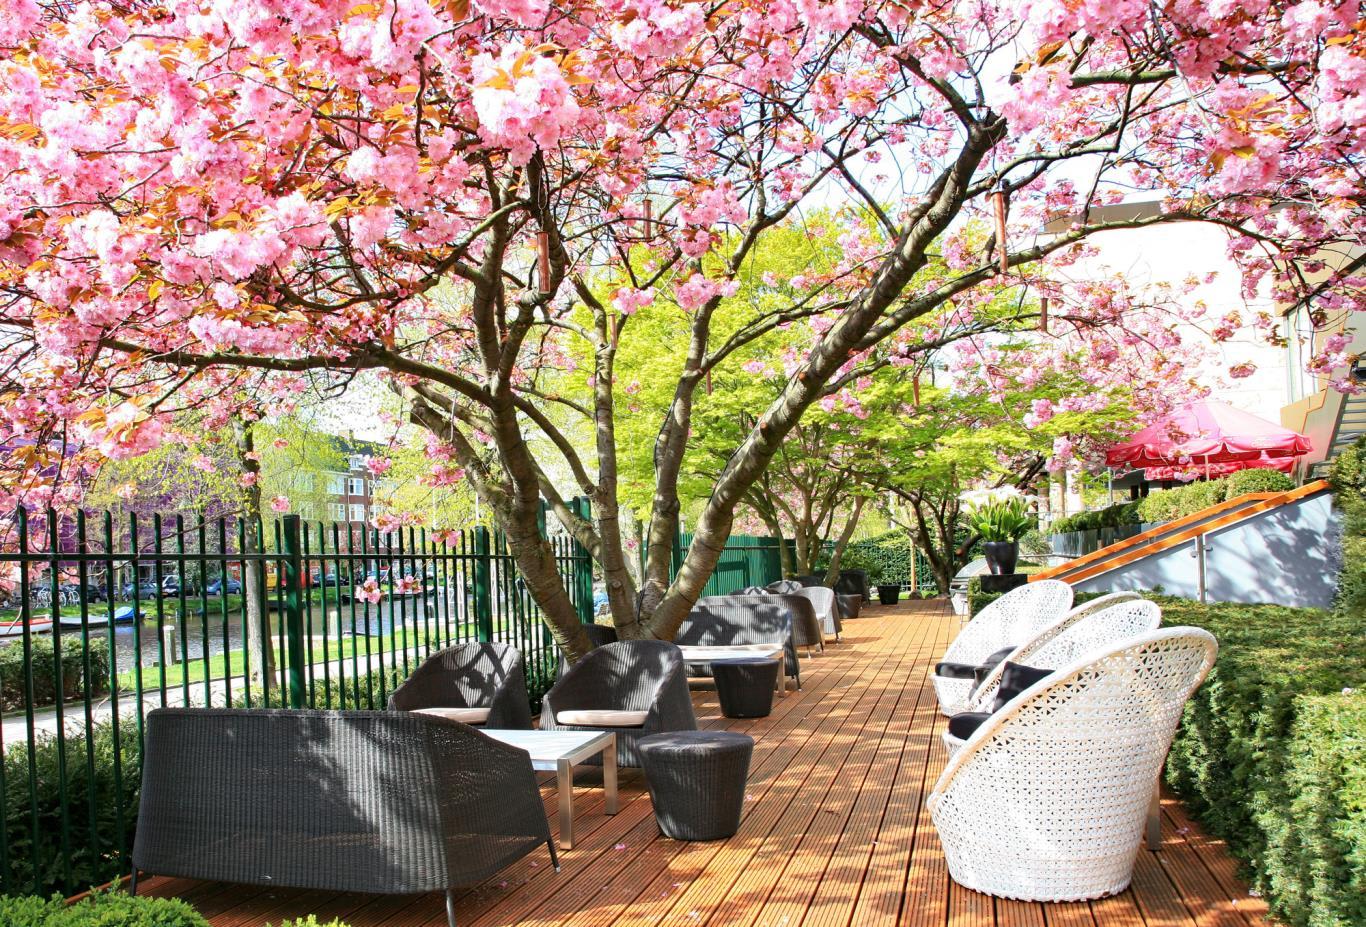 Serre Restaurant Terrace